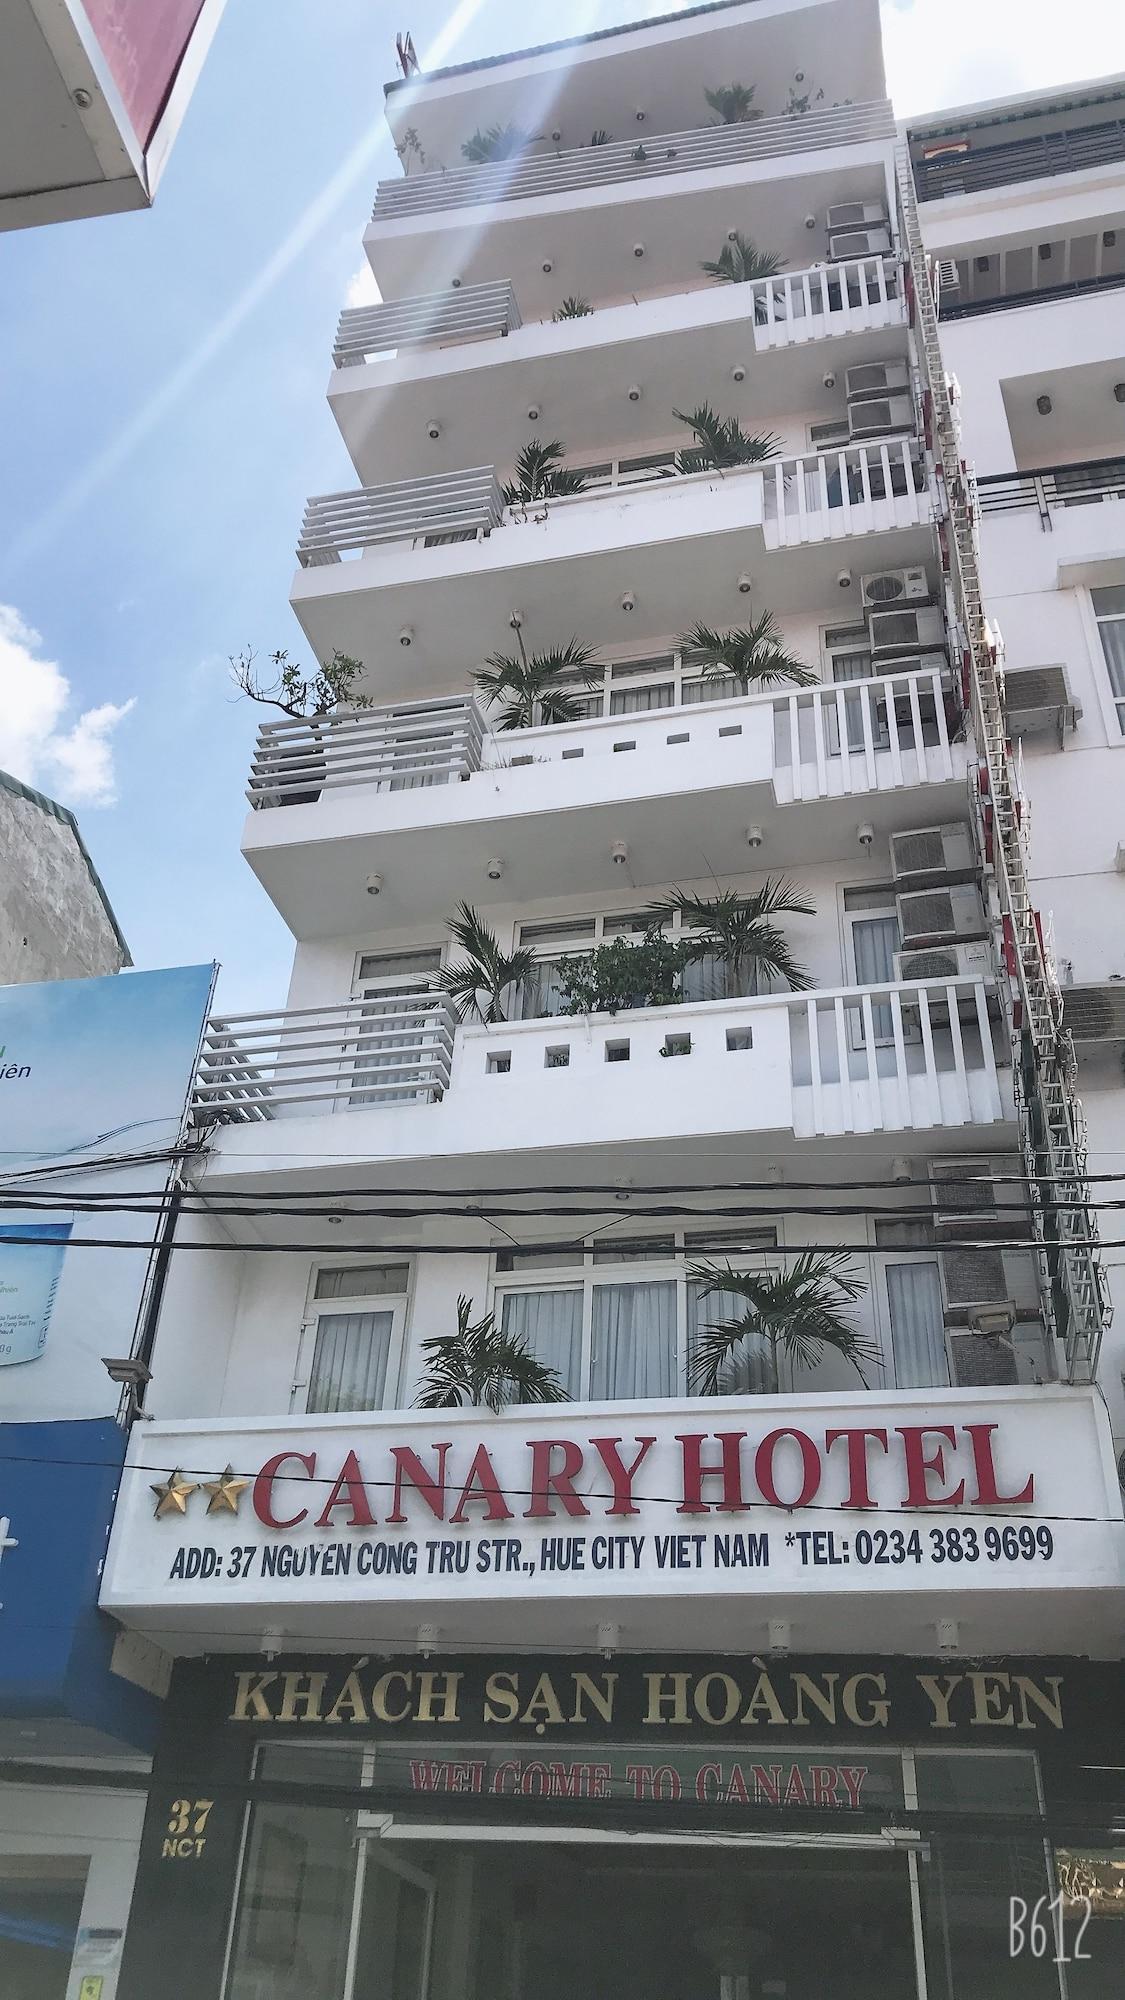 Canary Hotel, Huế